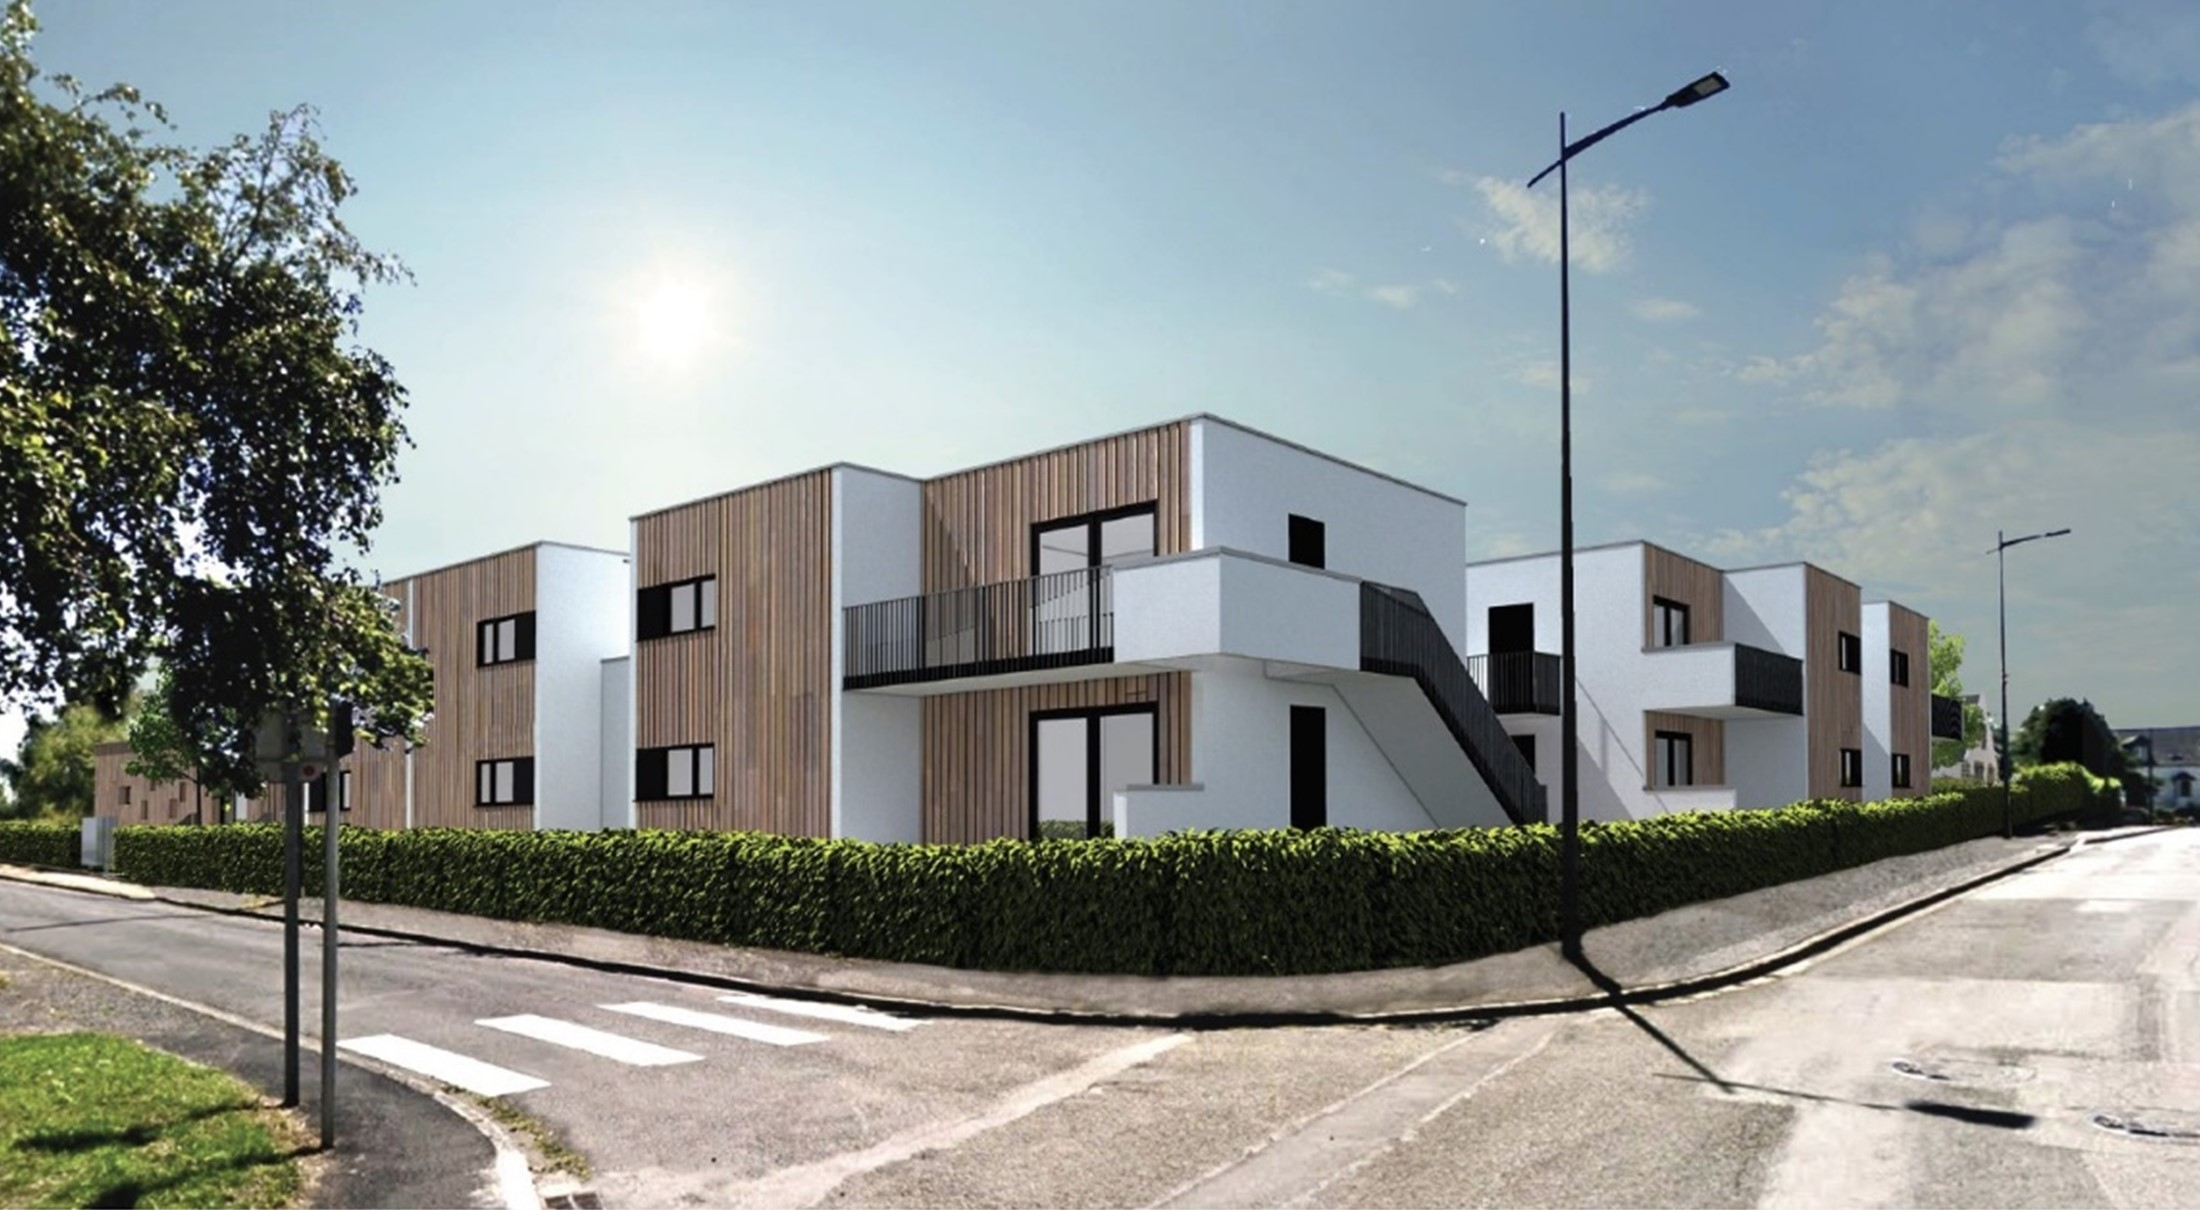 Exit le foyer Albatros, place à un nouveau dispositif d'habitat à Saint-Brieuc